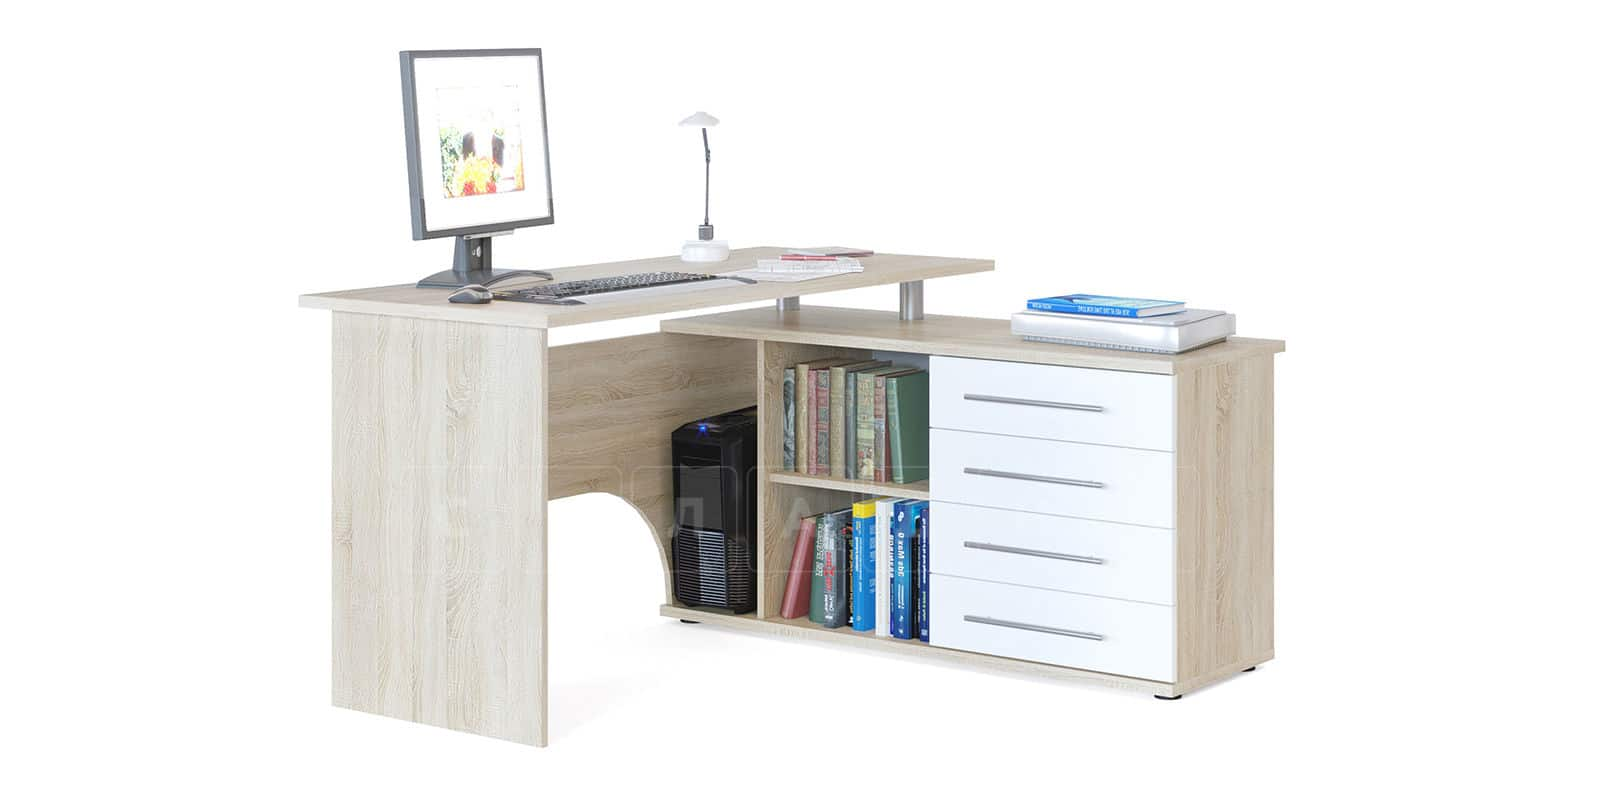 Компьютерный стол Сноу угловой дуб сонома фото 2 | интернет-магазин Складно